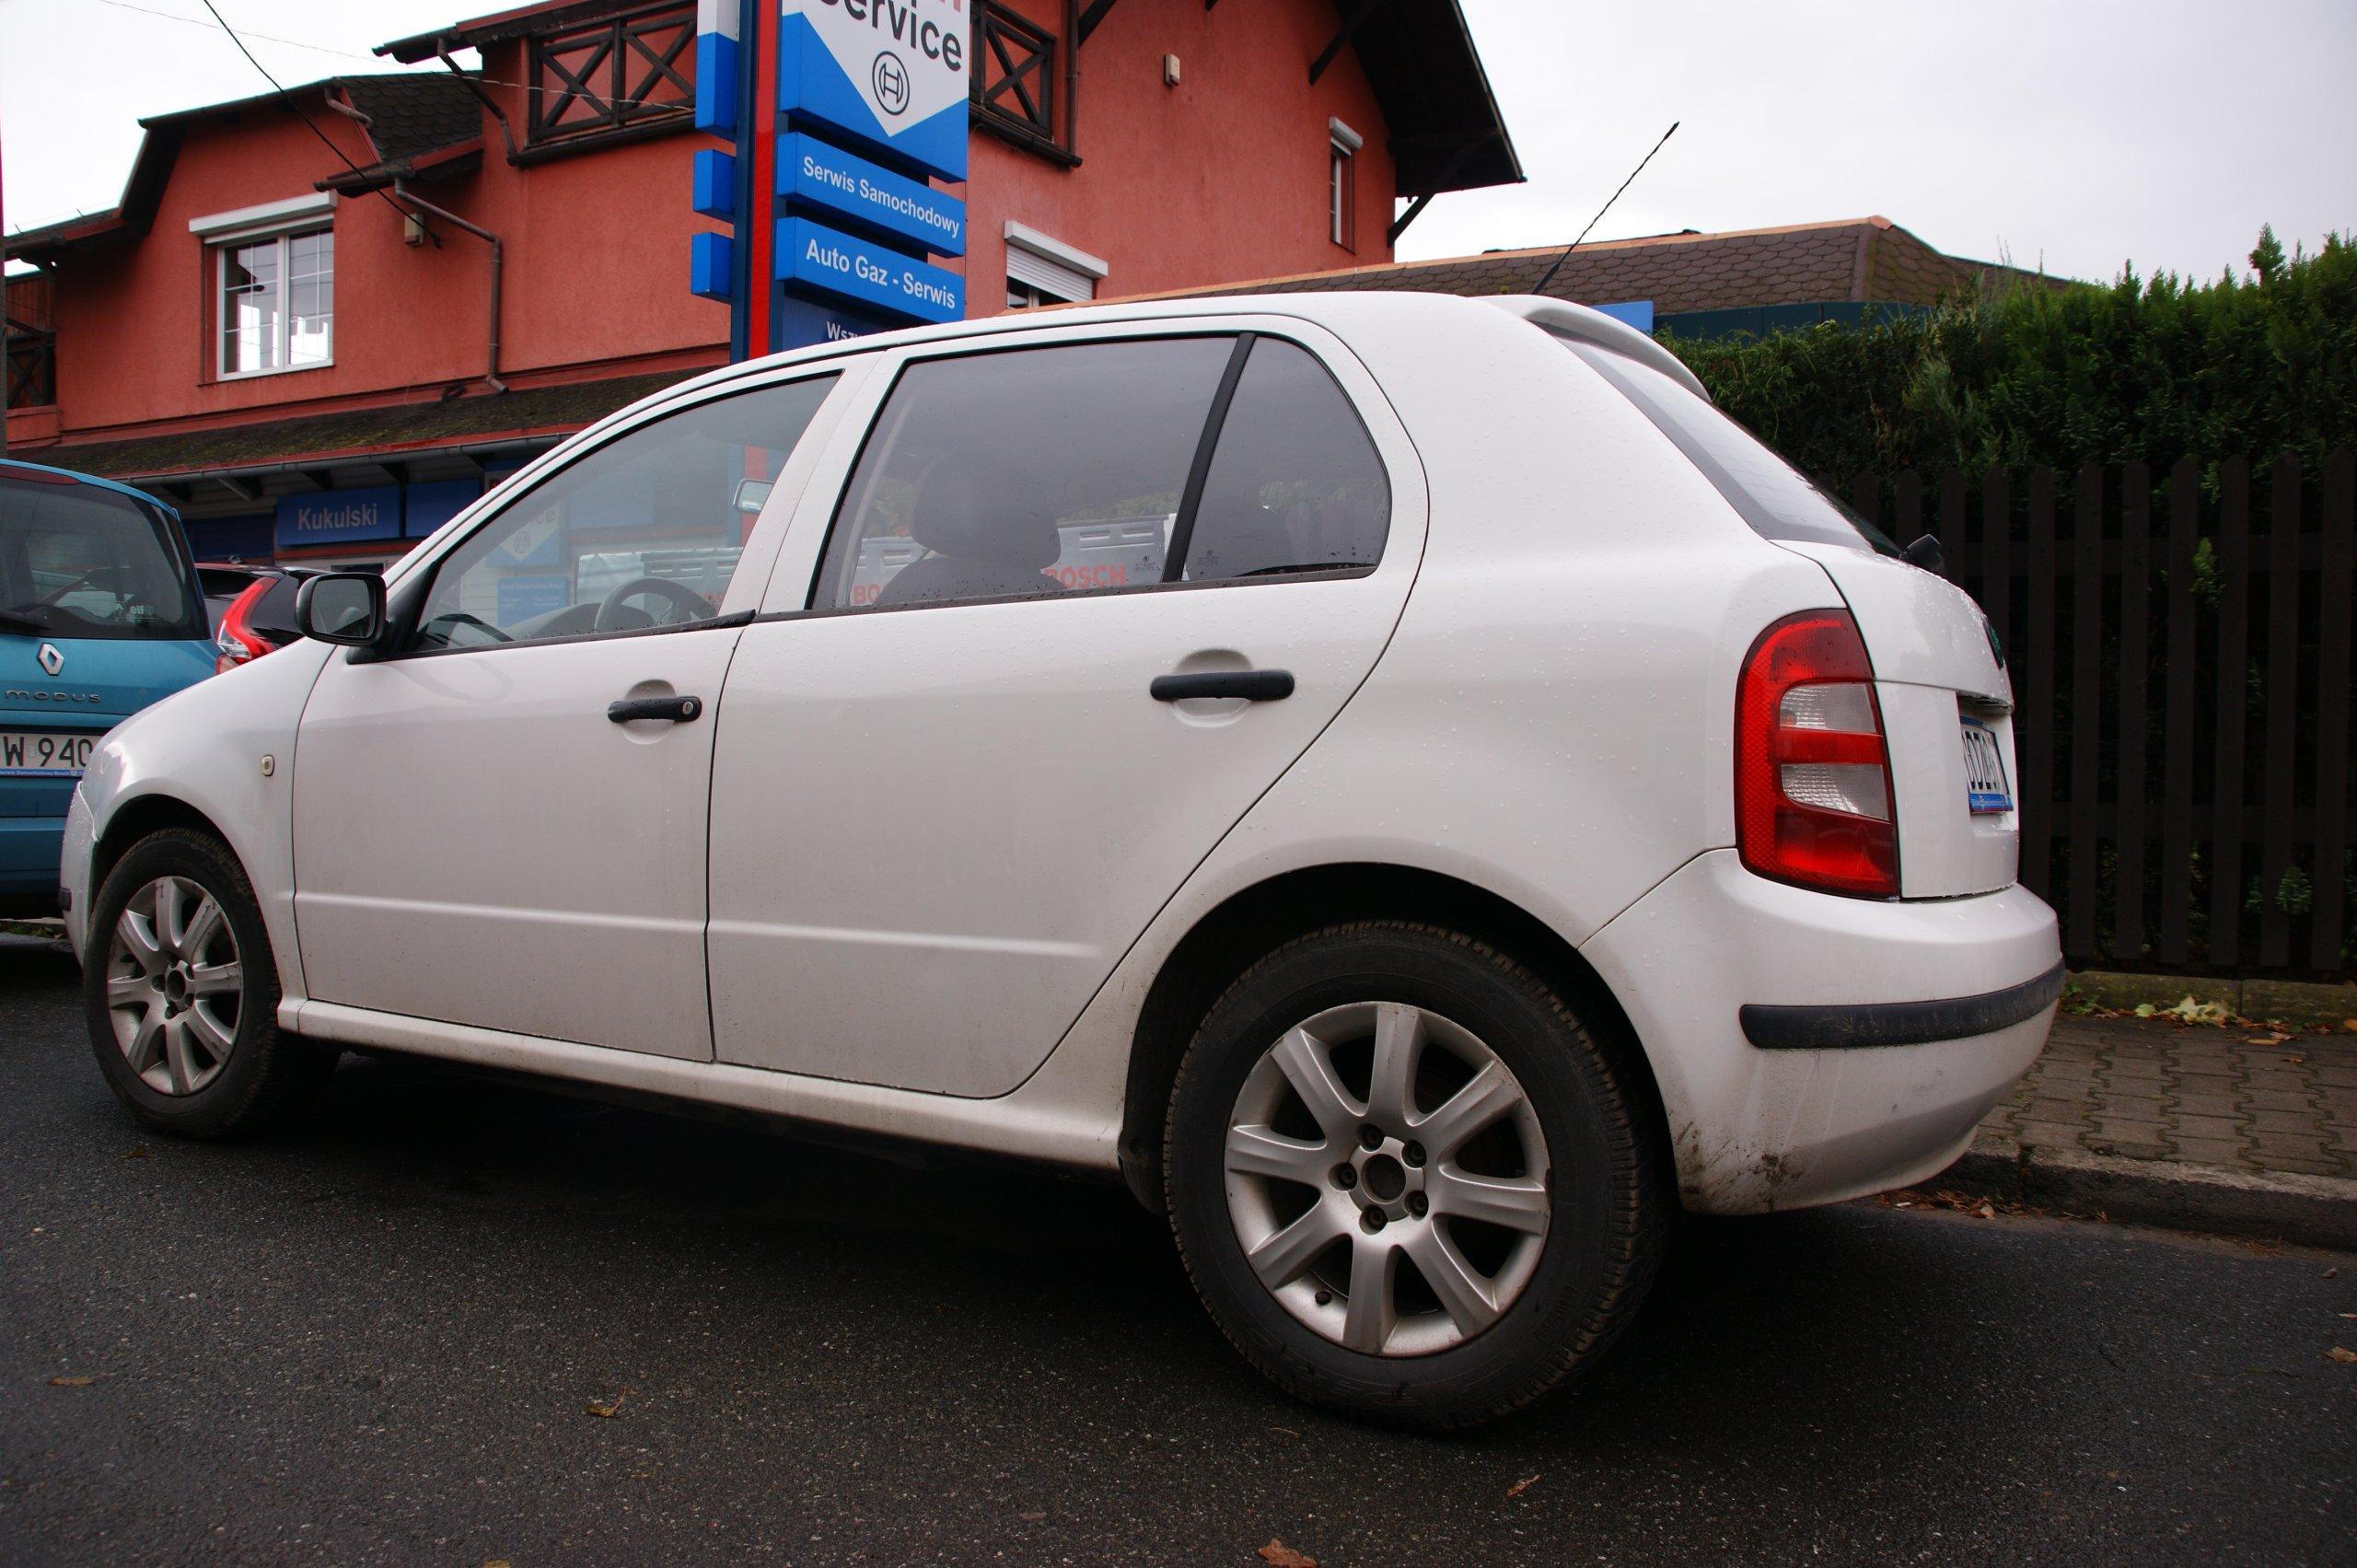 Dodatkowe NAJTANIEJ! Biała Skoda Fabia 1.2 benzyna SALON PL - 7061107629 NA28